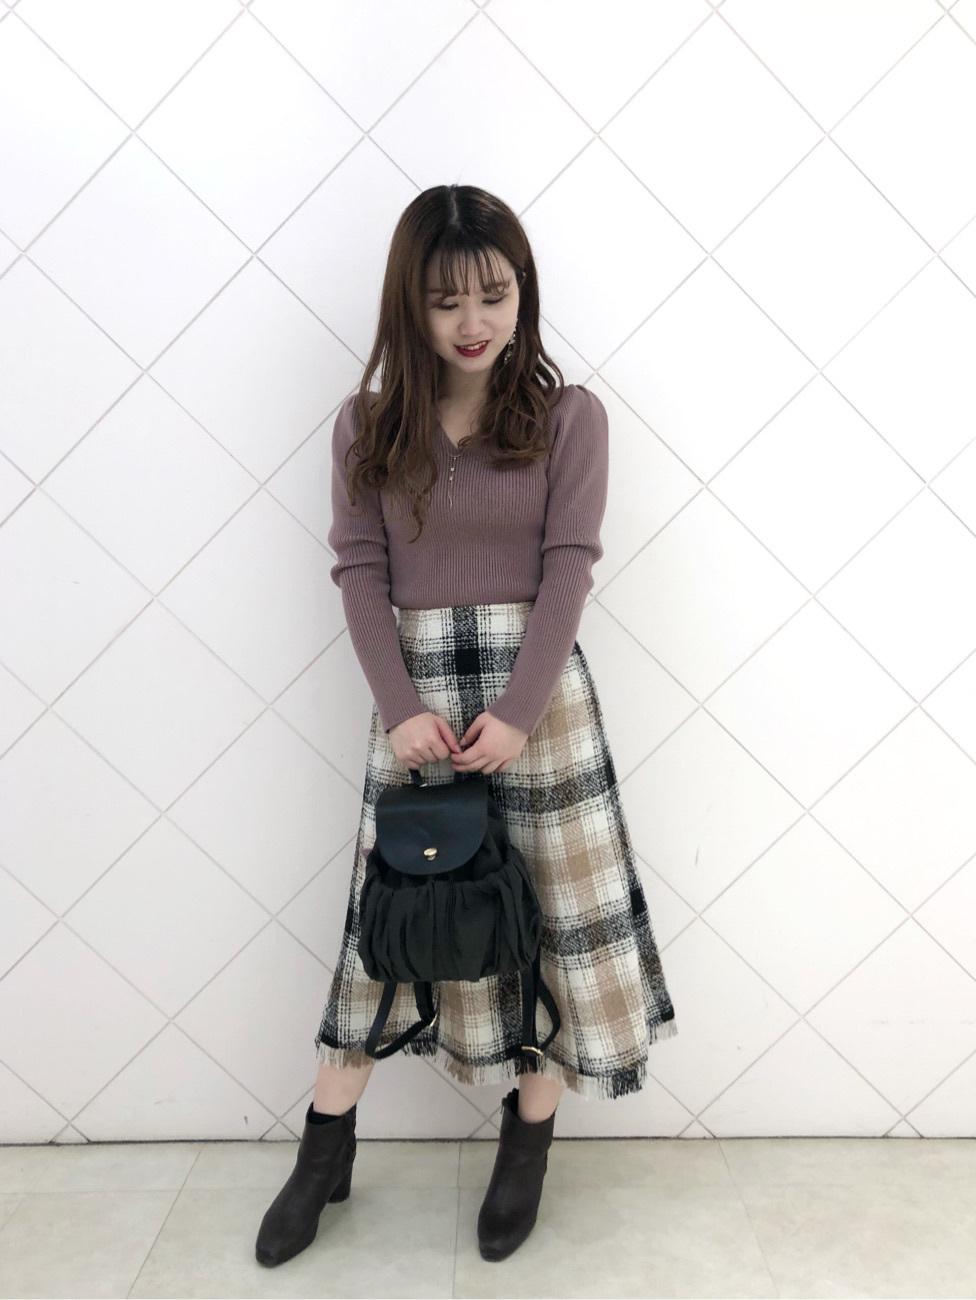 yuuka♡150cm